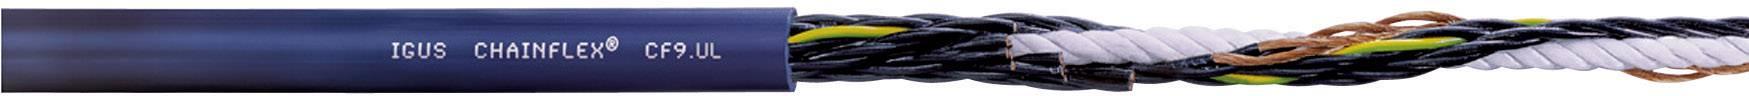 Řídicí kabelové vedení igus Chainflex® (CF9.03.04.INI), 4x 0,34 mm², elastomer, Ø 11 mm, nestíněný, 1 m, modrá